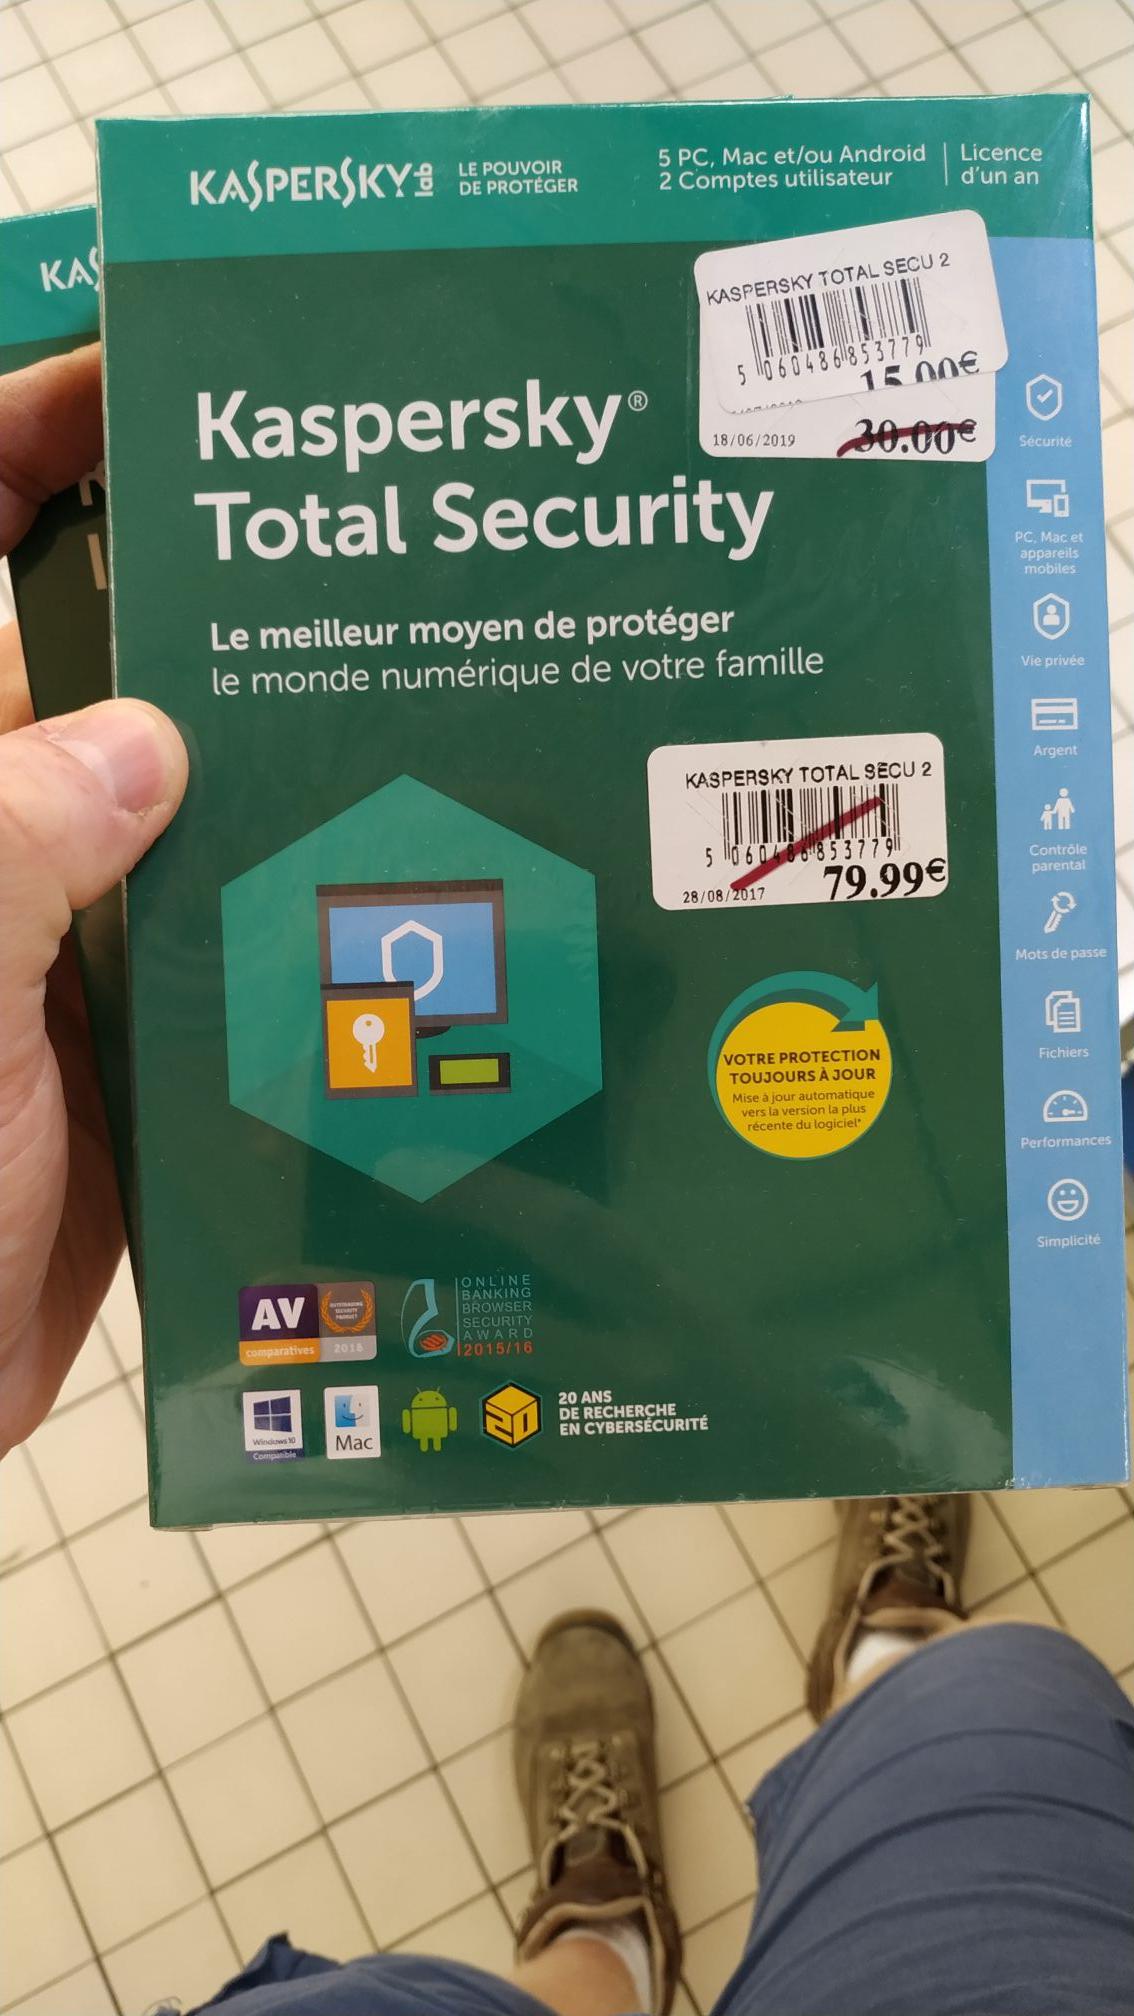 Sélection de produits Kaspersky Total Security en Soldes - Ex: 5 Postes & 2 Comptes - Saint-Dizier (52)